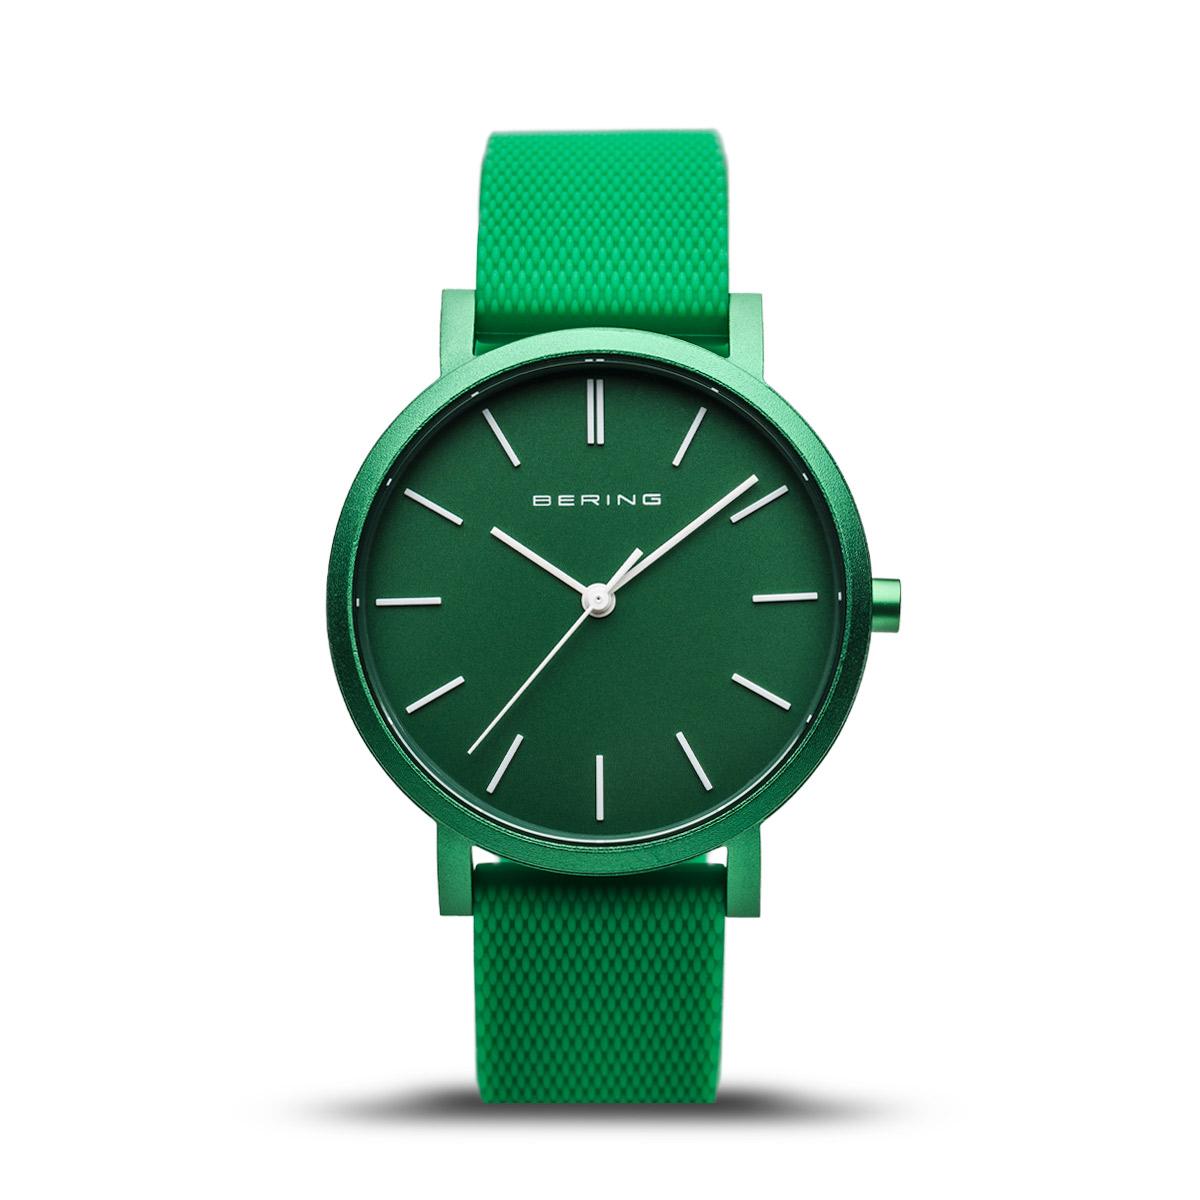 Bering Green Analogue Women's Watch – 16934-899